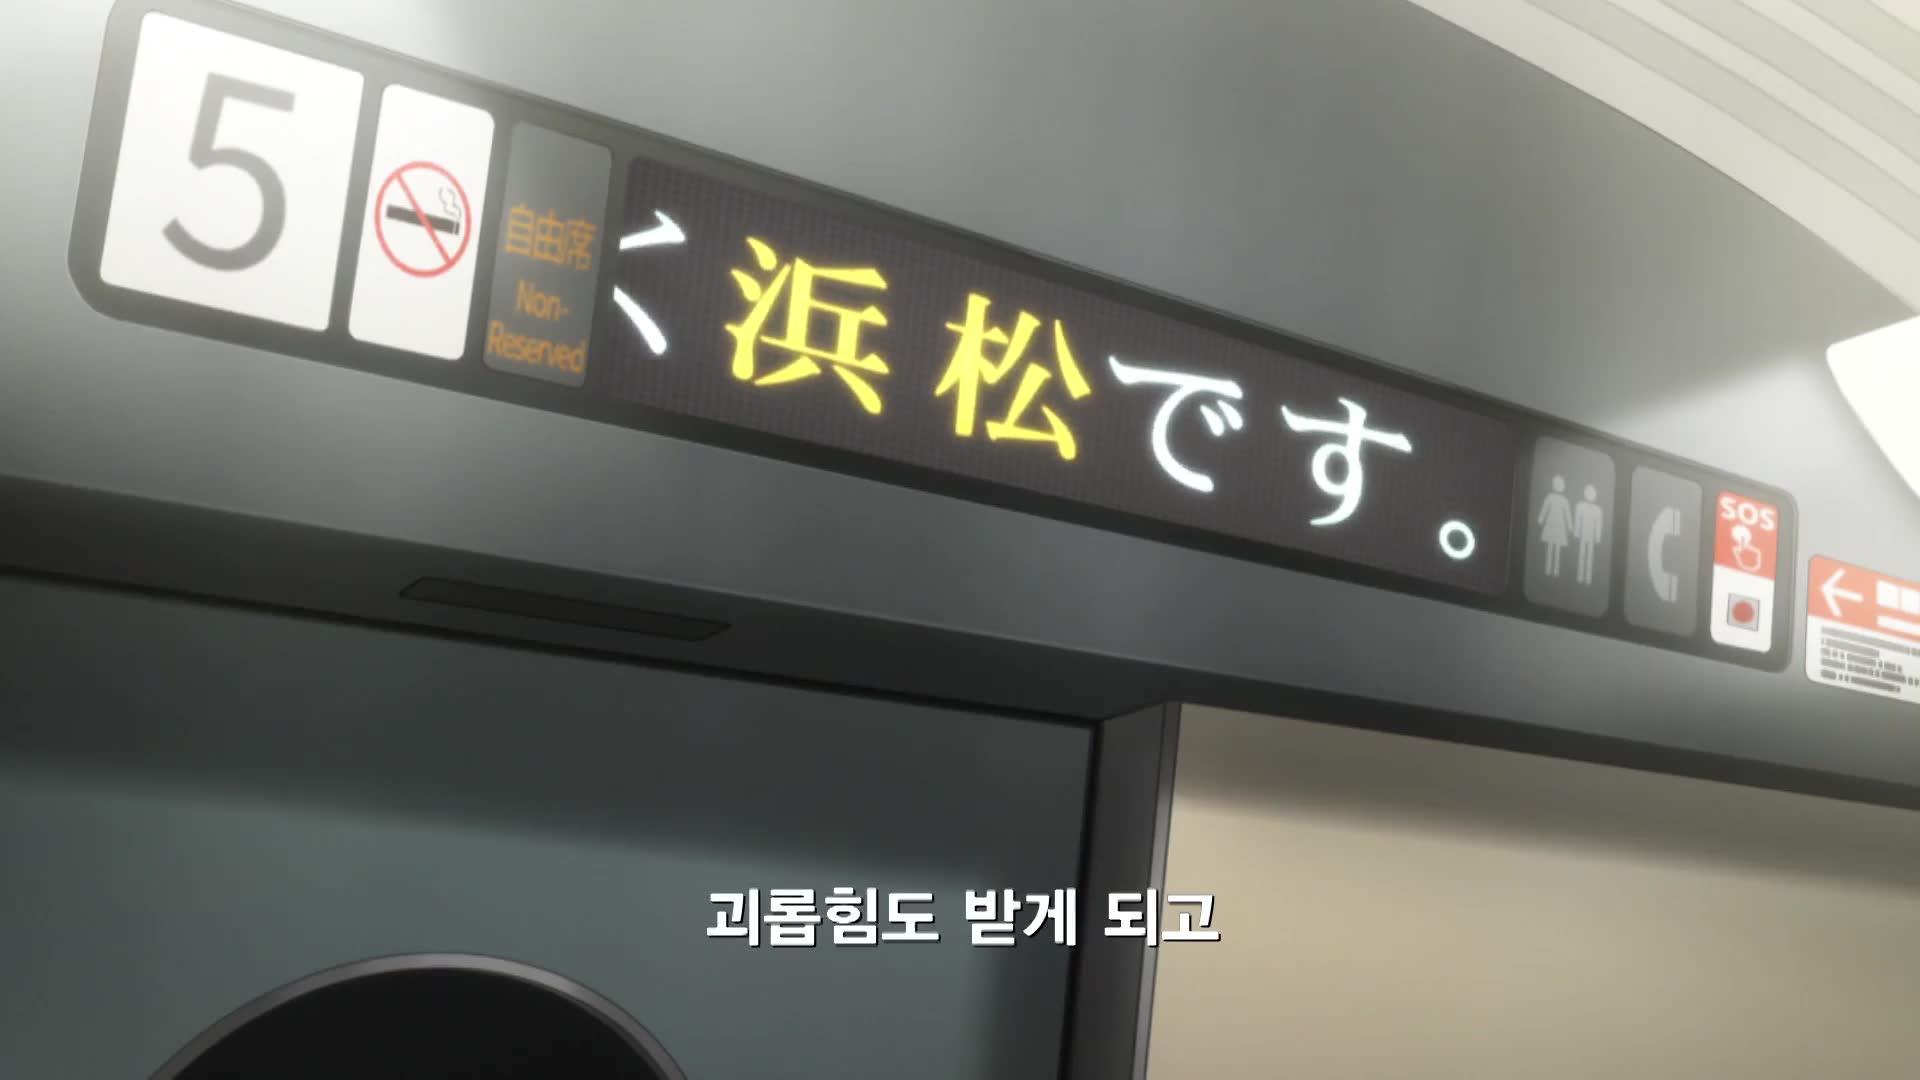 제 5화 스탠 바이 미